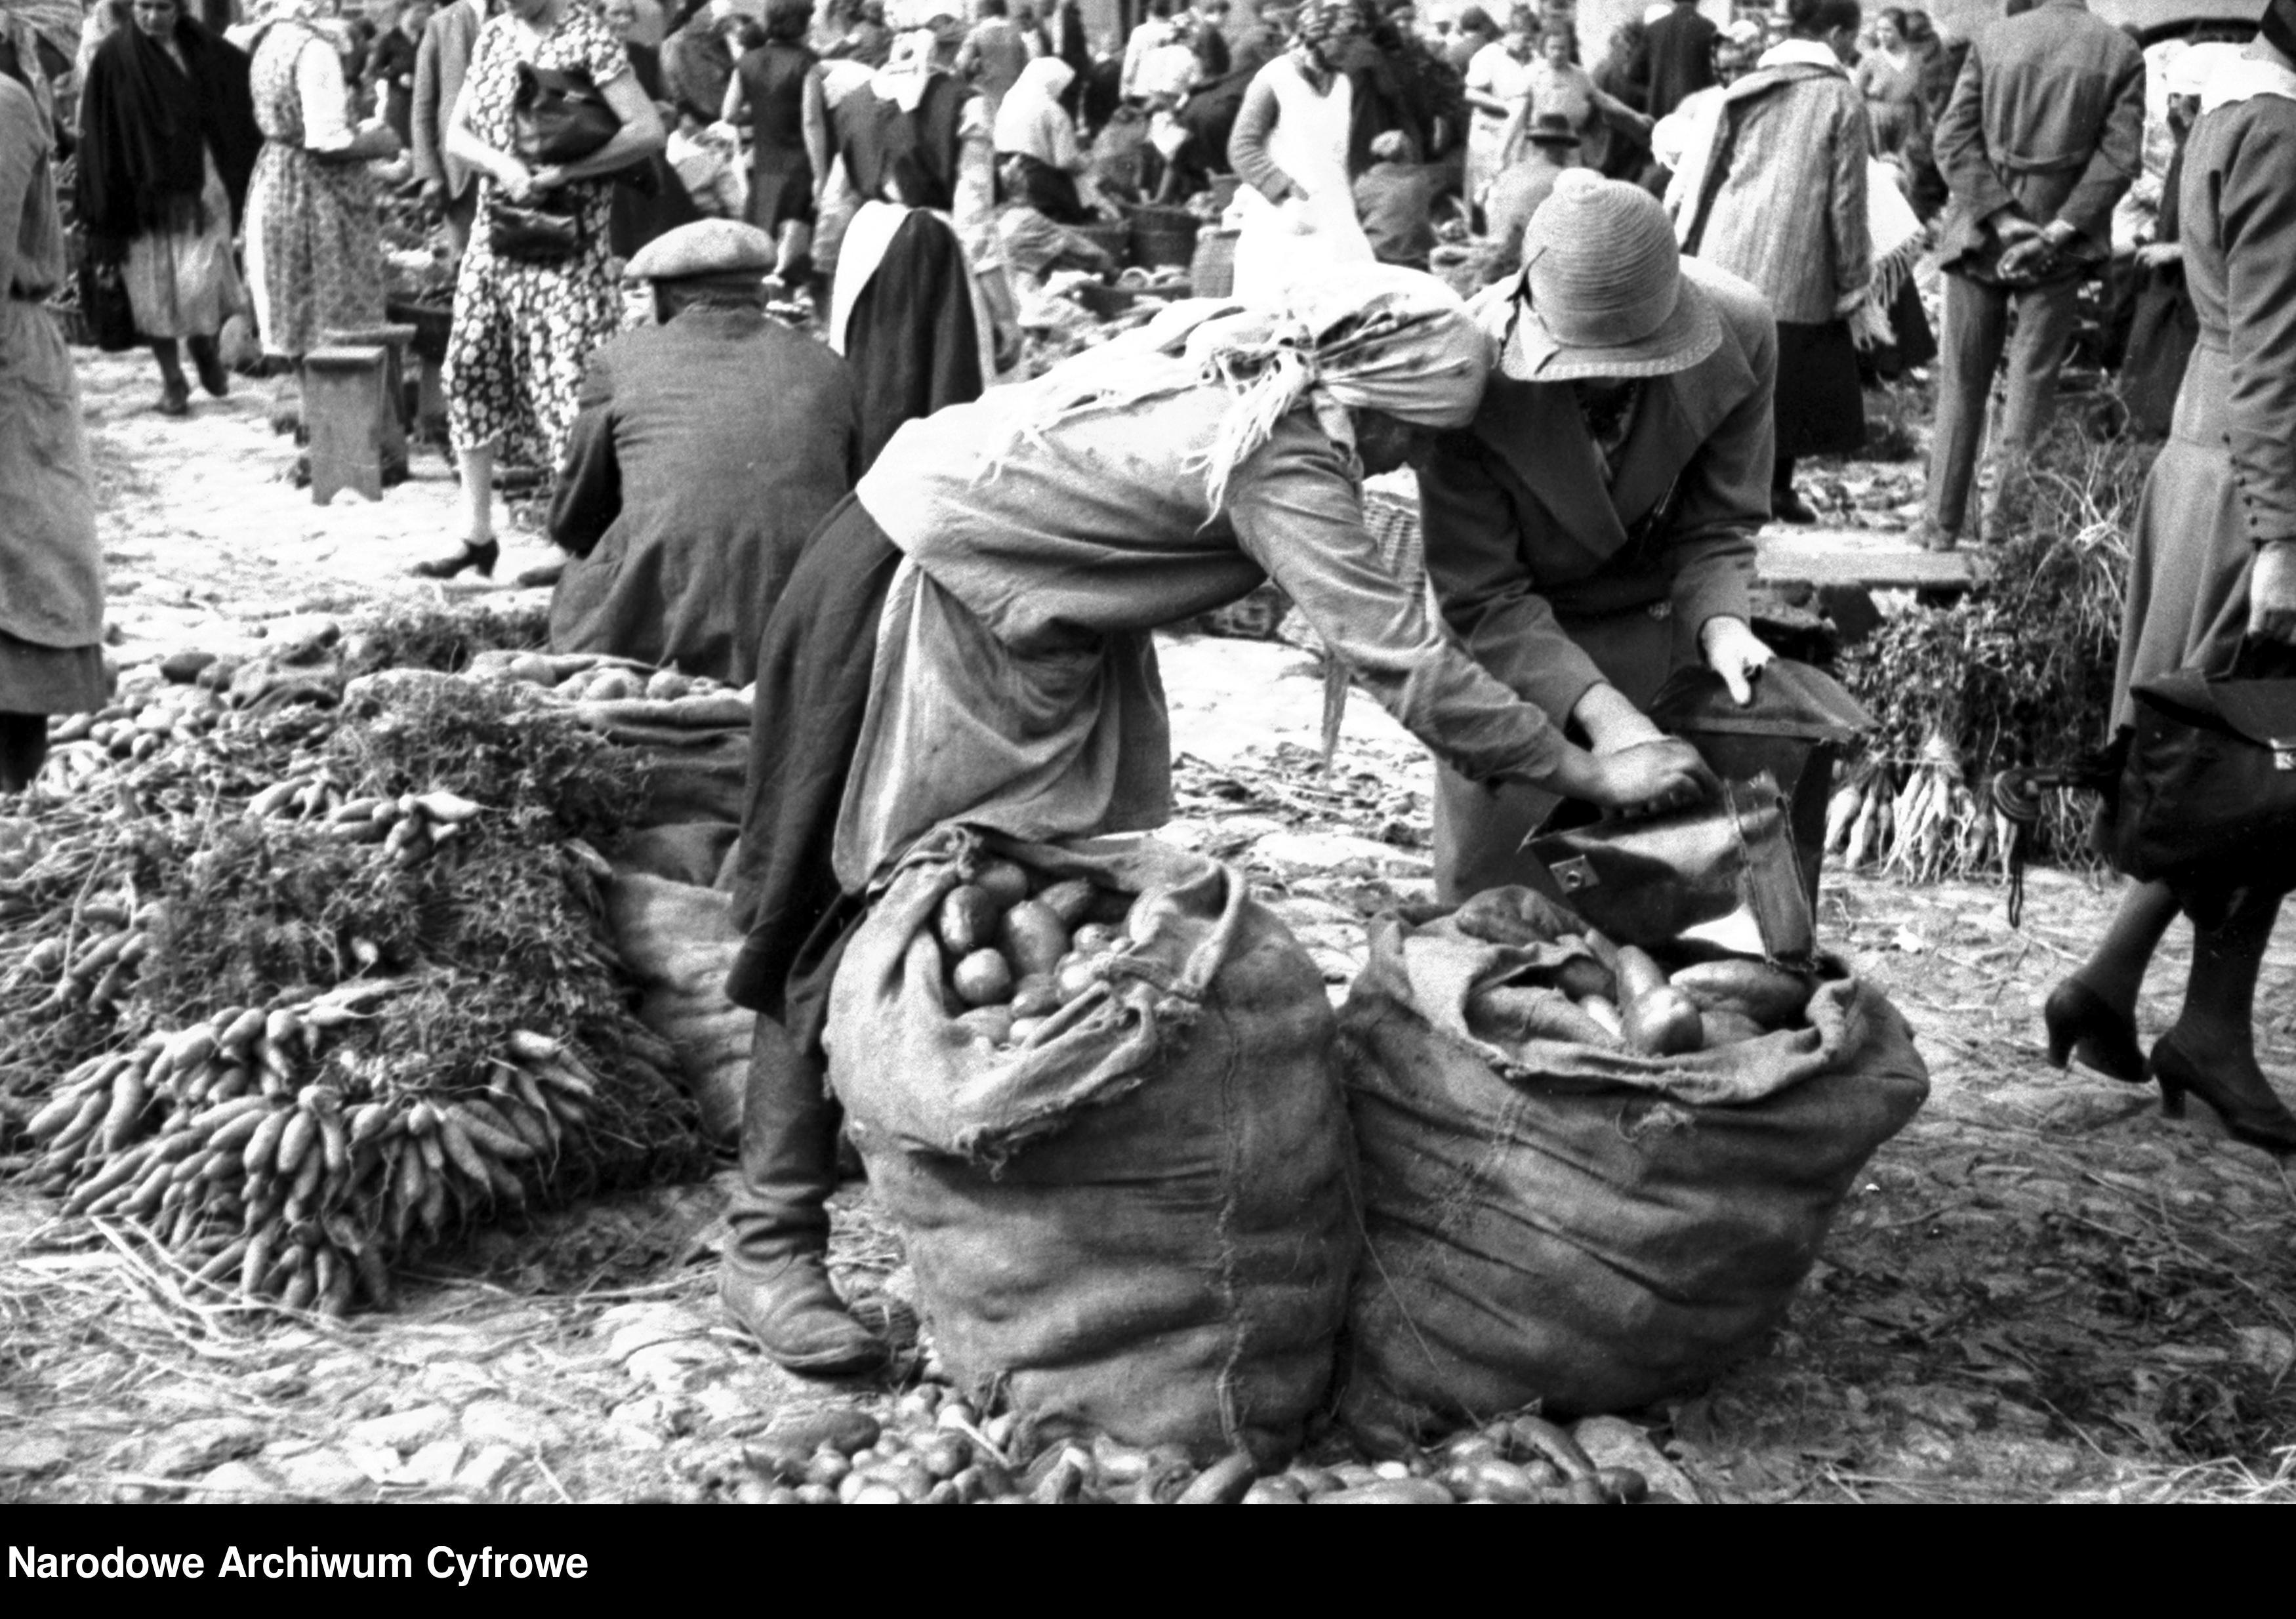 WARTO ZOBACZYĆ. Tak wyglądały jesienne bazarki w poprzednim stuleciu [ZDJĘCIA] - Zdjęcie główne